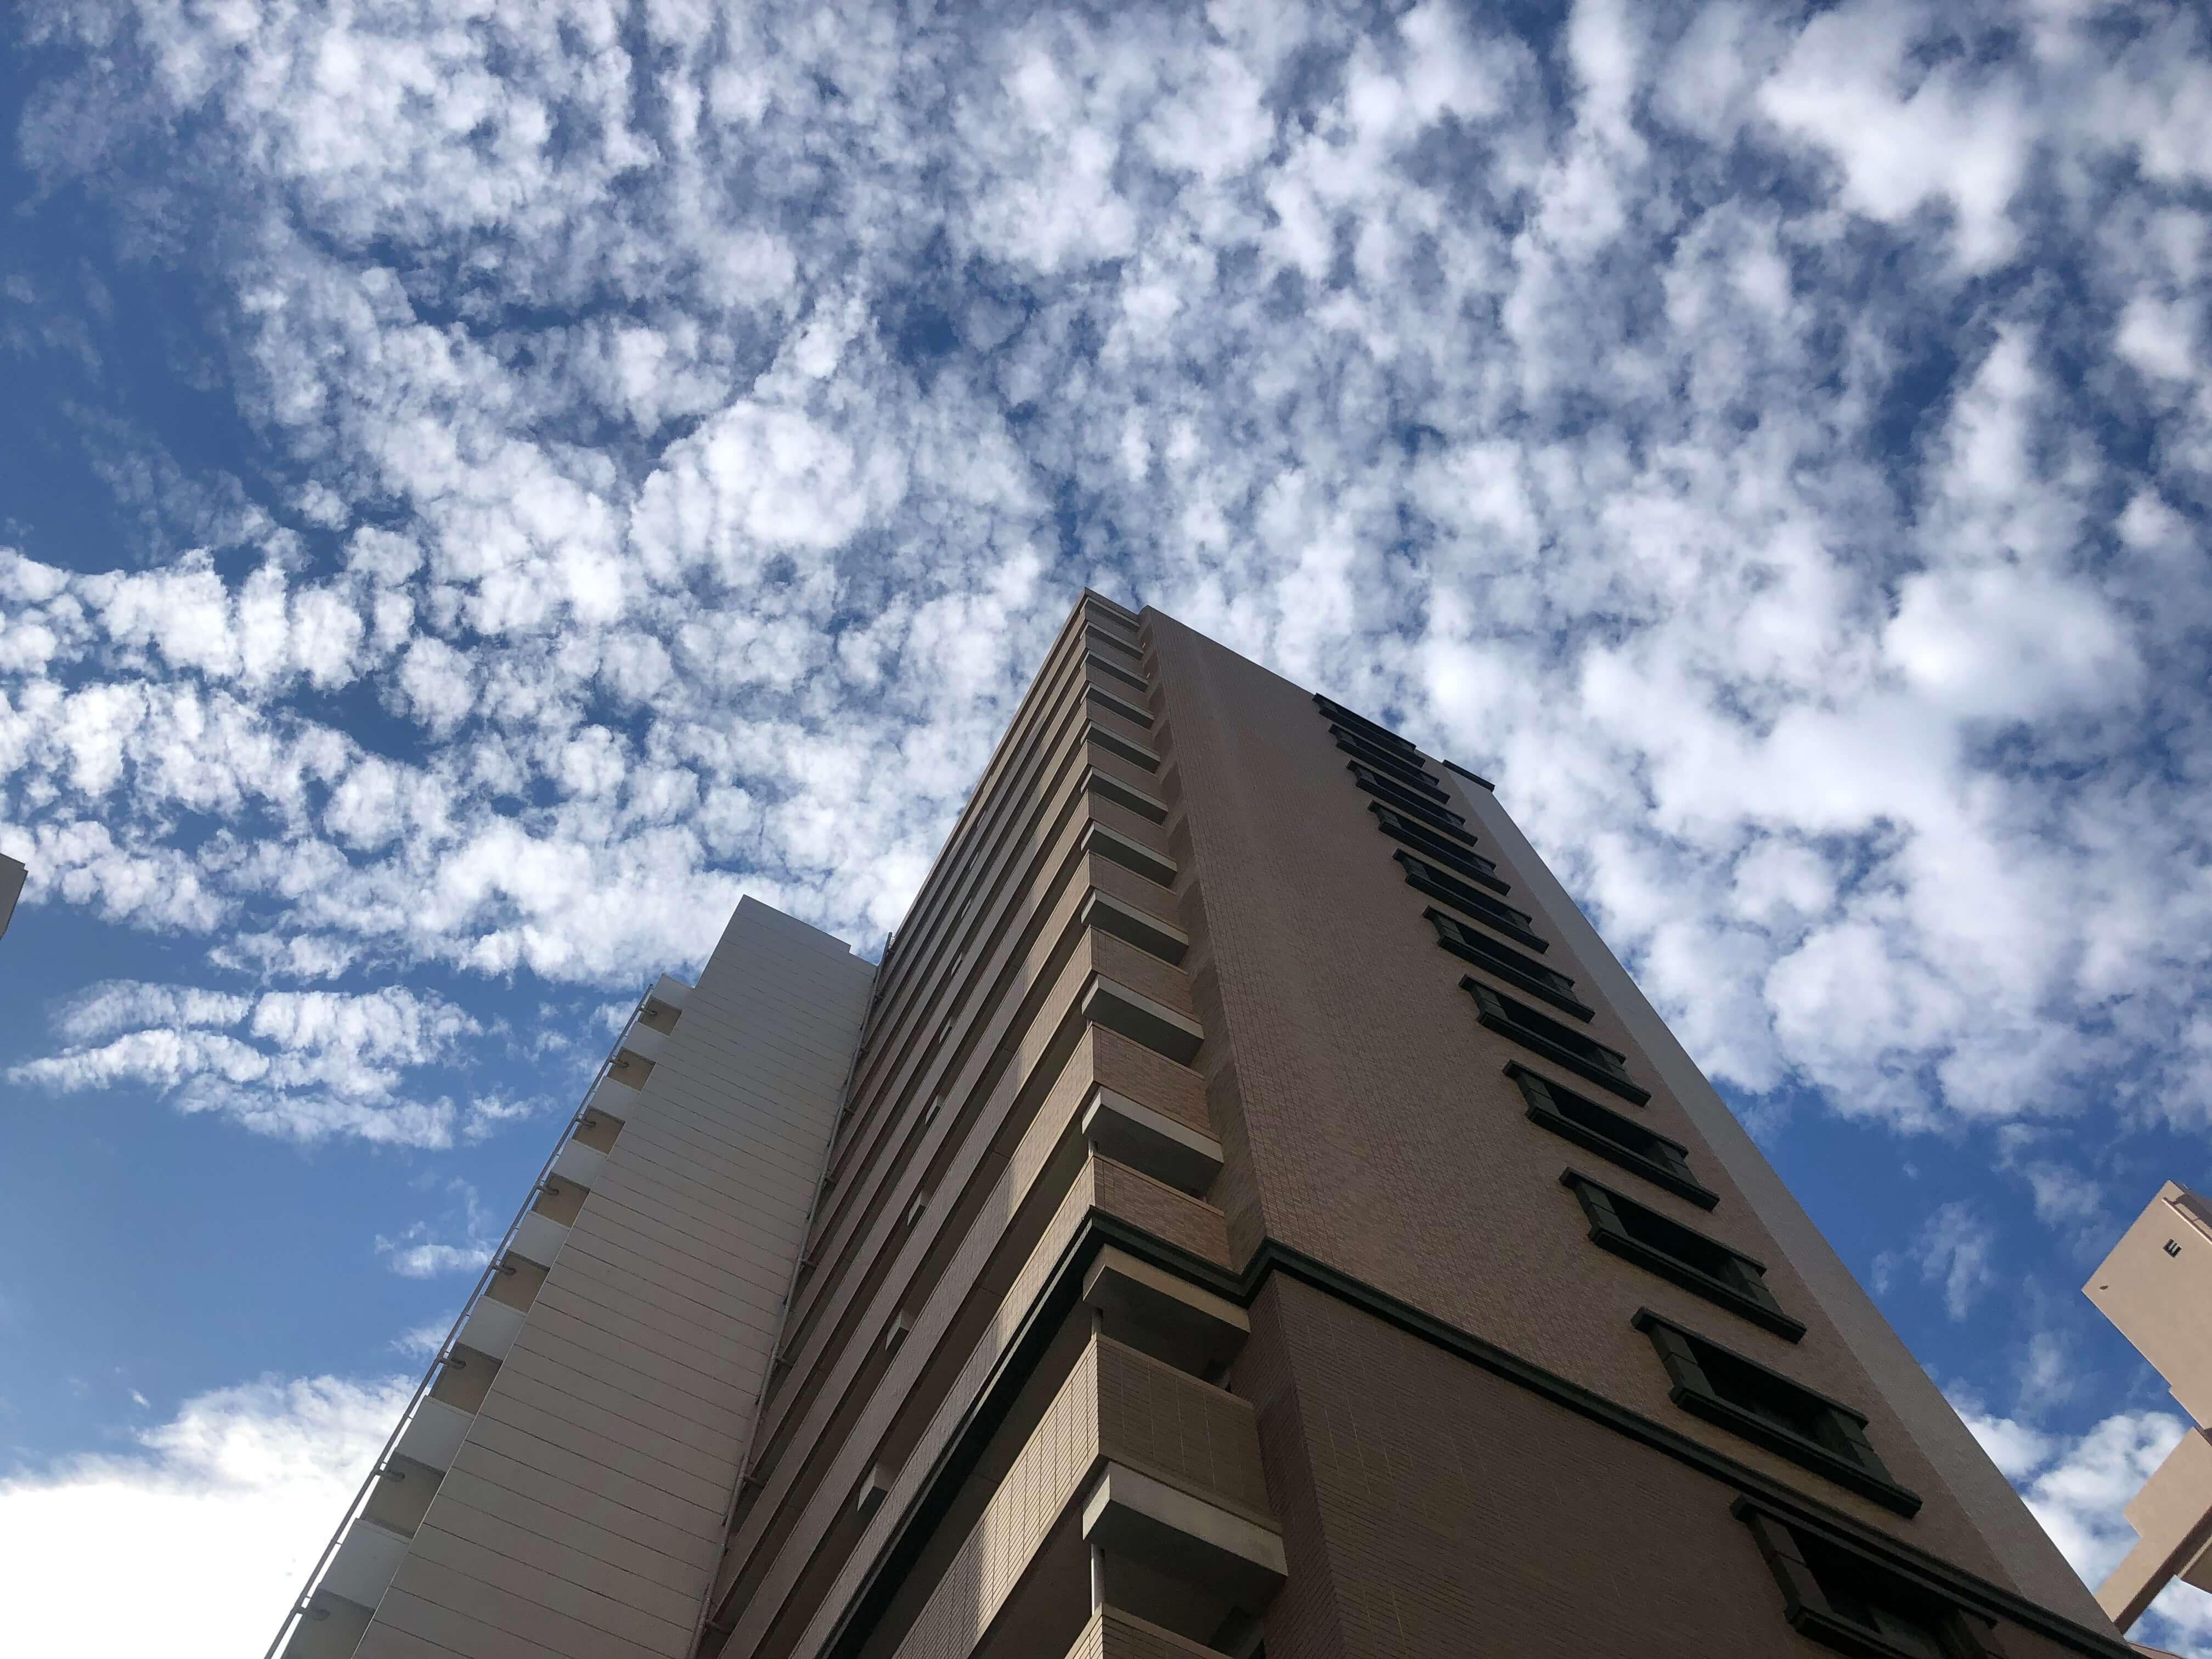 福岡市中央区でハウスクリーニングです。